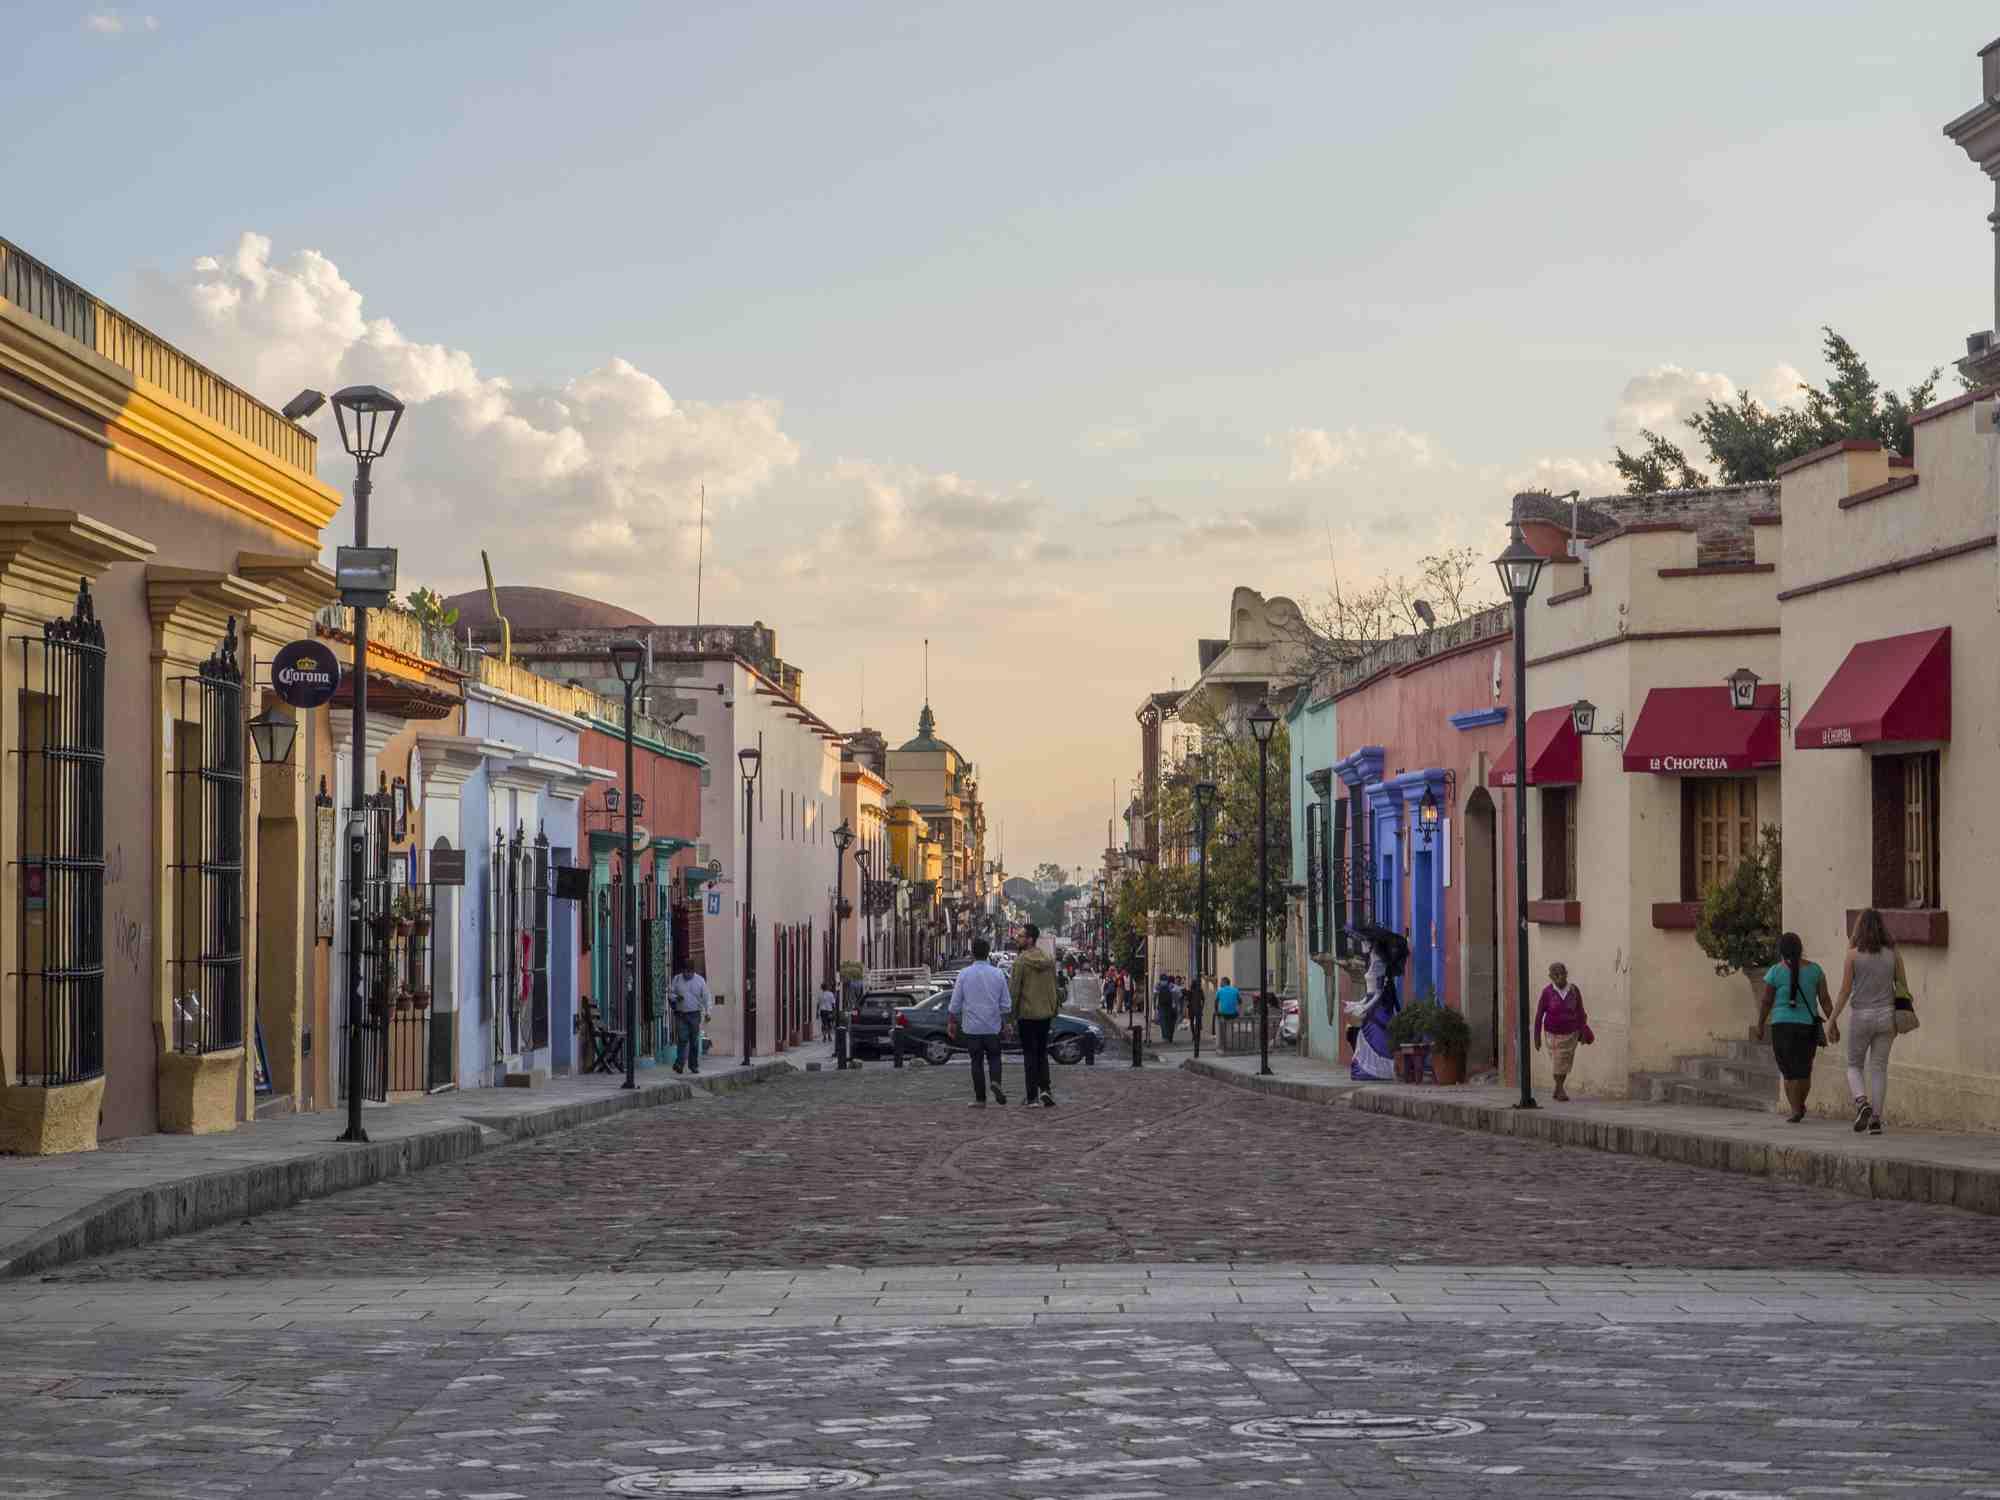 Street scene in Oaxaca, Mexico